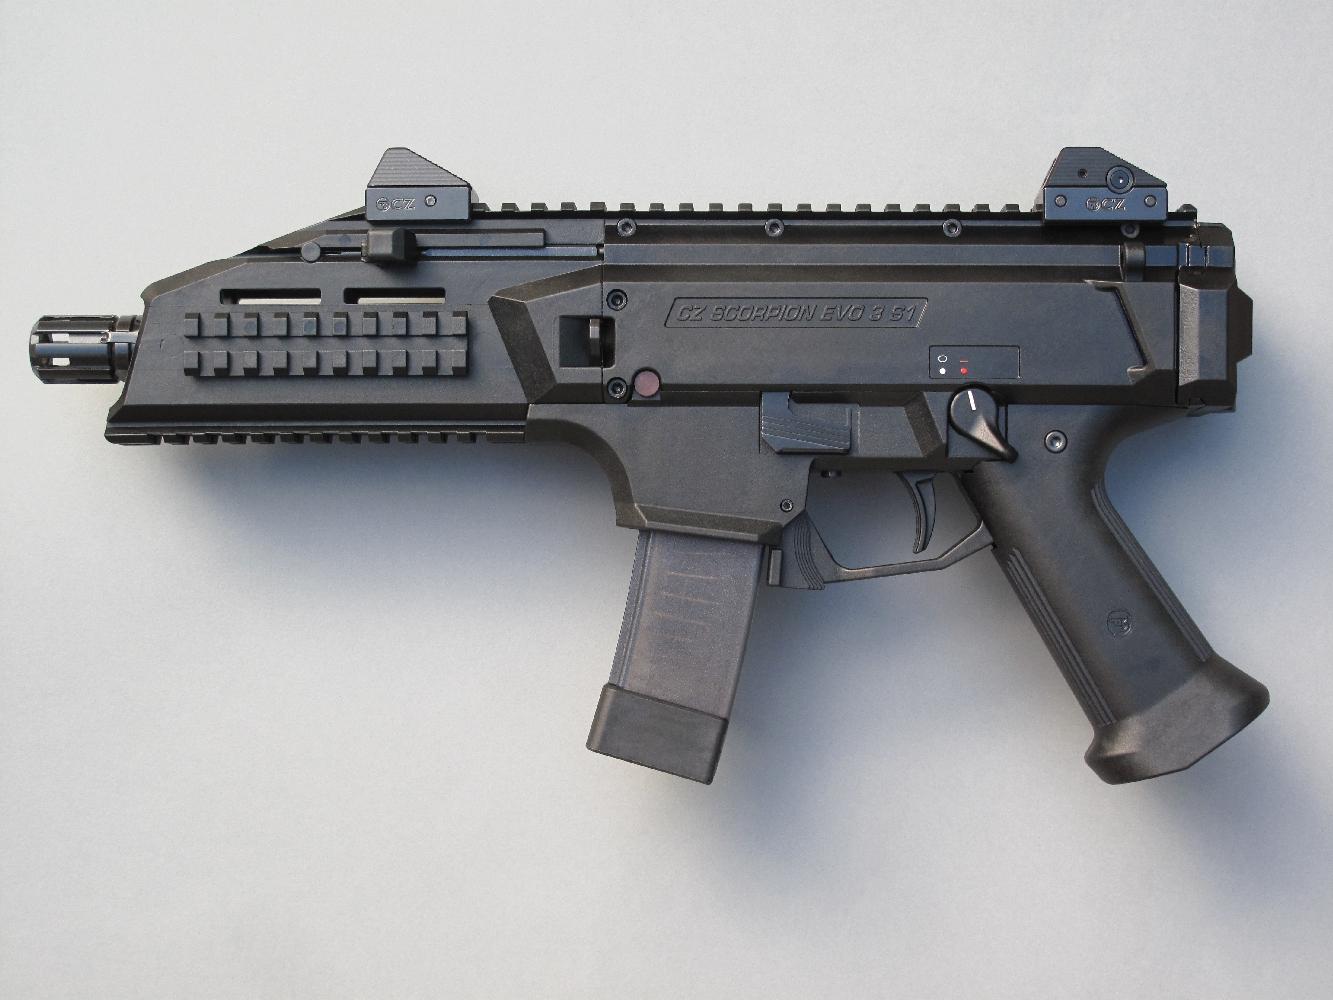 Cette carabine tactique se révèle remarquablement compacte dans sa configuration pistolet, une fois sa crosse repliée et son chargeur de vingt coups engagé.